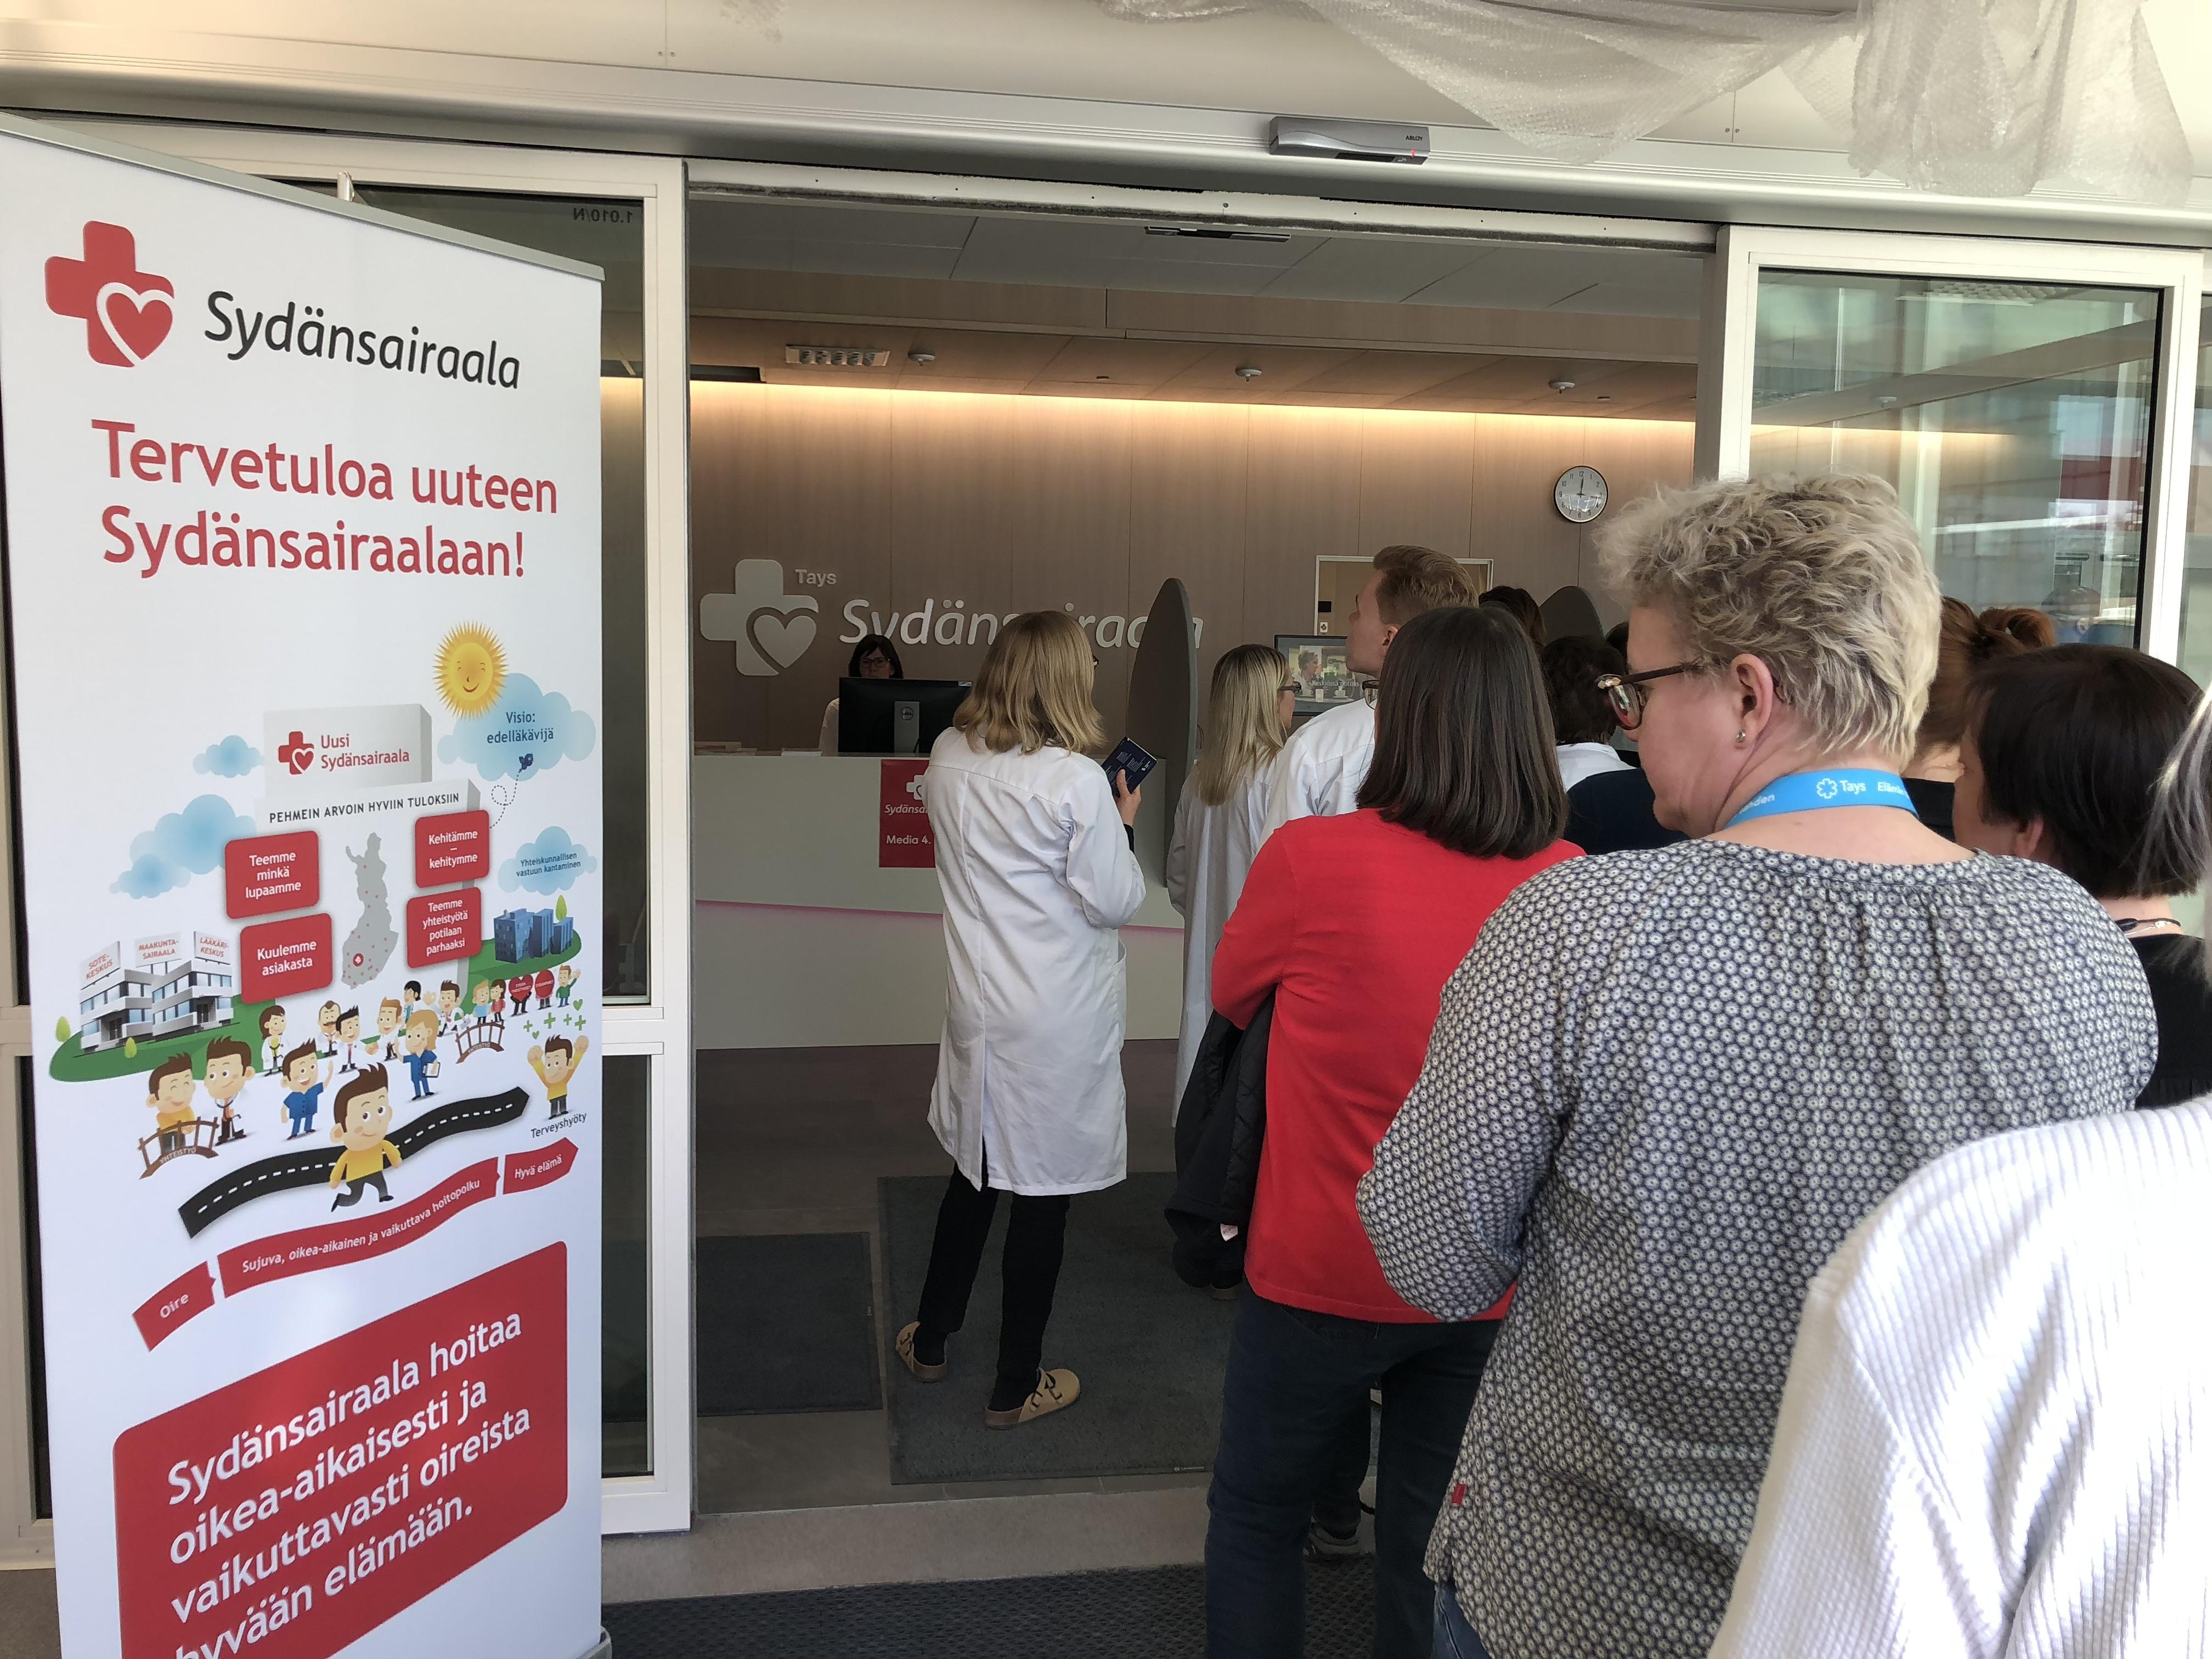 Uusi Sydänsairaala on avattu